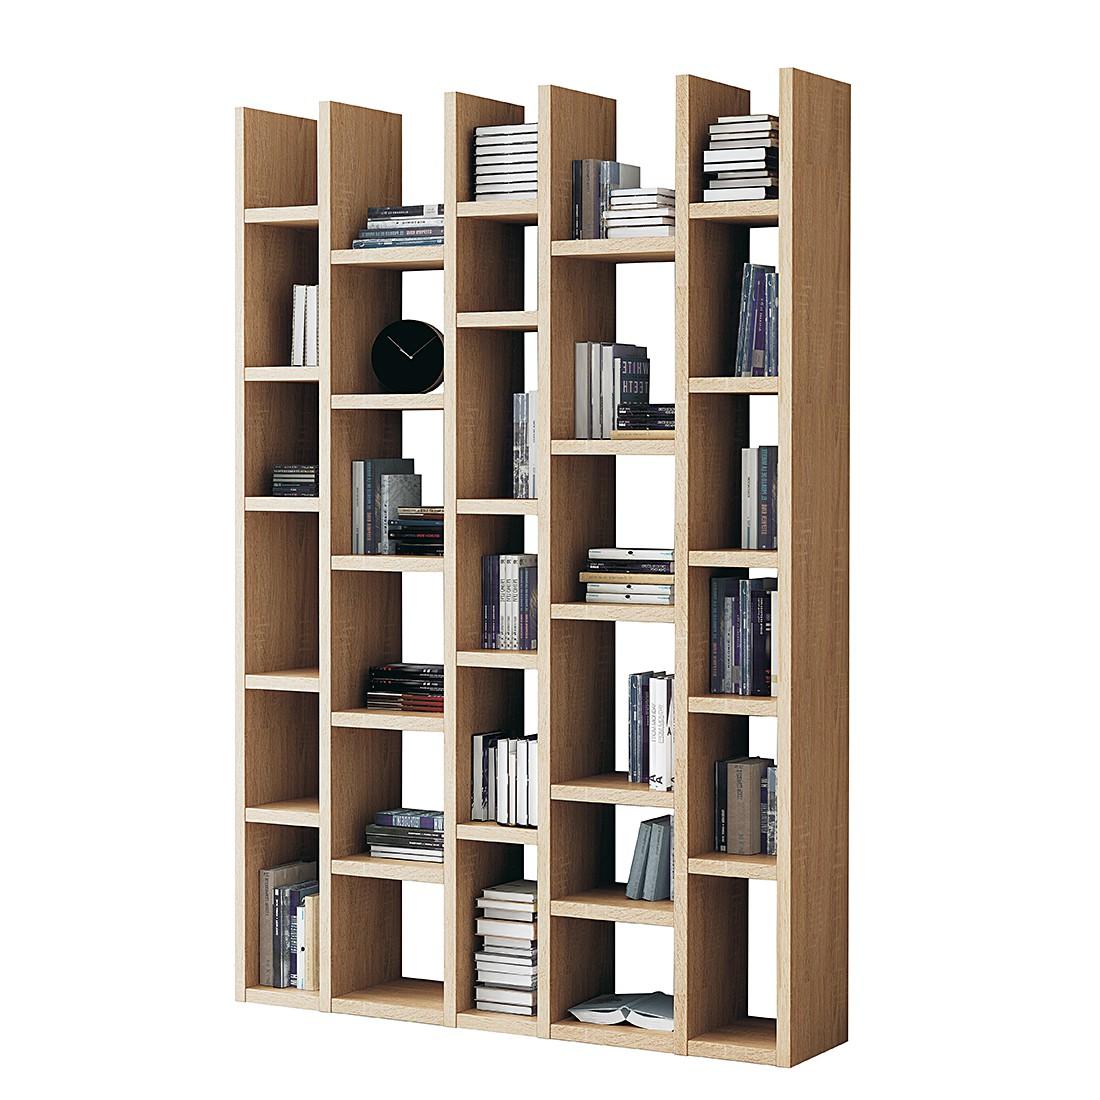 Bücherregal Emporior I – Sonoma Eiche Dekor, loftscape günstig